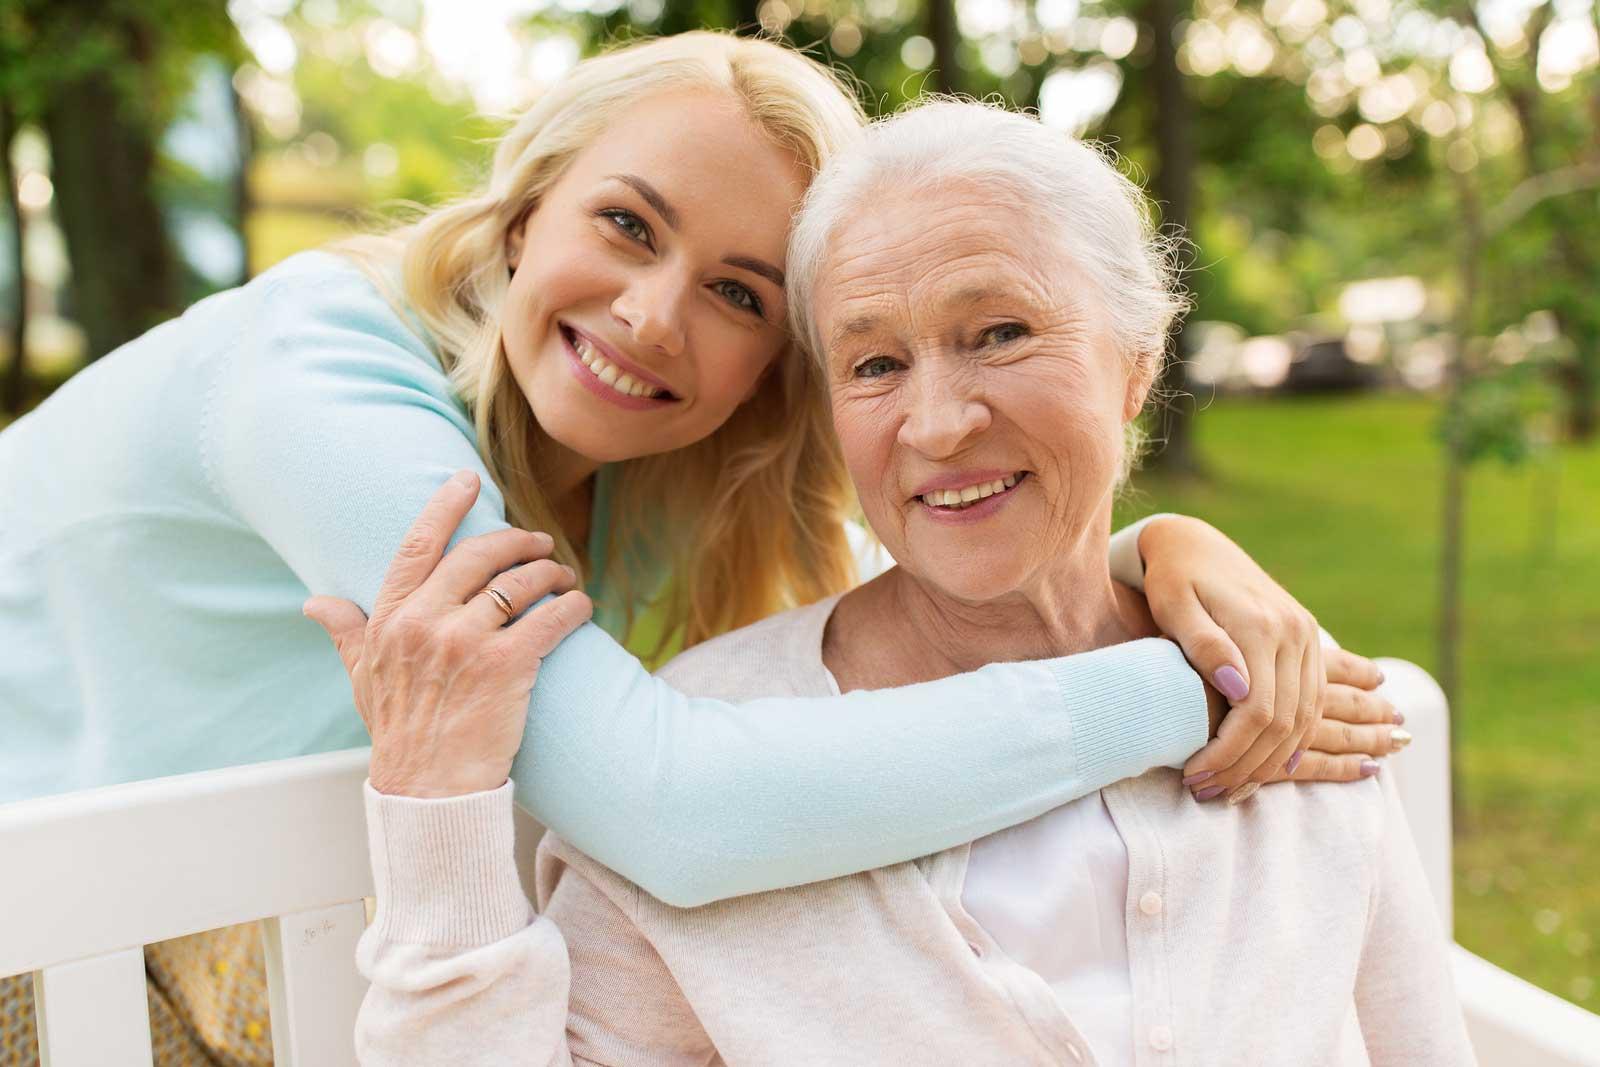 Apprenez comment rendre la vie des aînés plus facile, en suivant diverses consignes de sécurité.